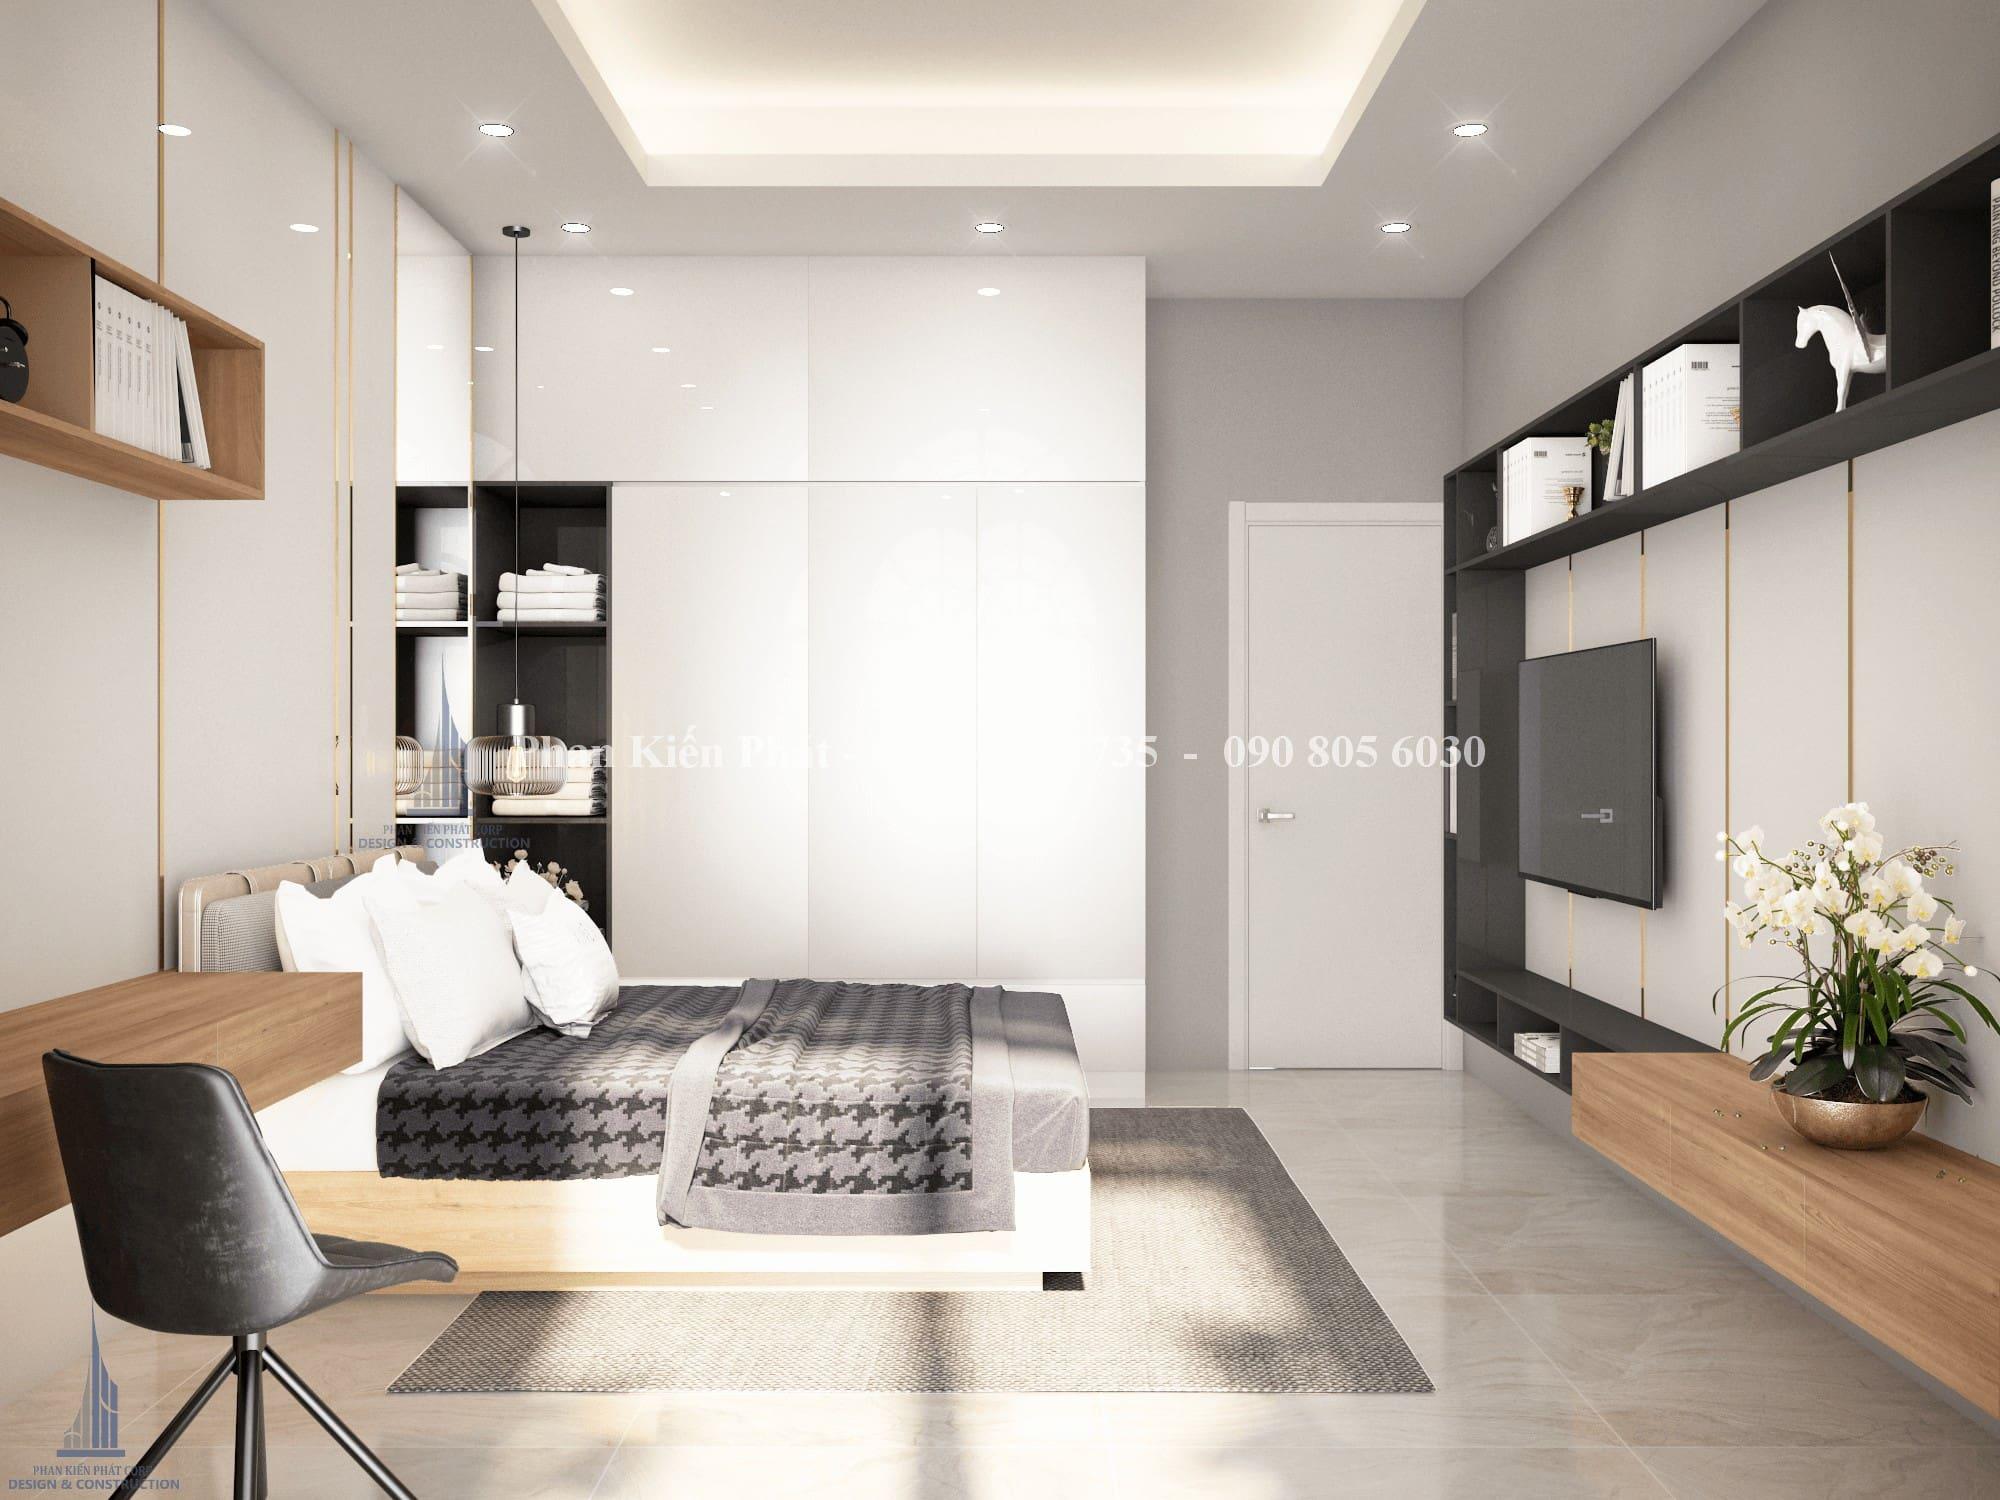 Thiet Ke Noi That Phong Ngu 1 View 2.png - mẫu biệt thự 3 tầng mái thái